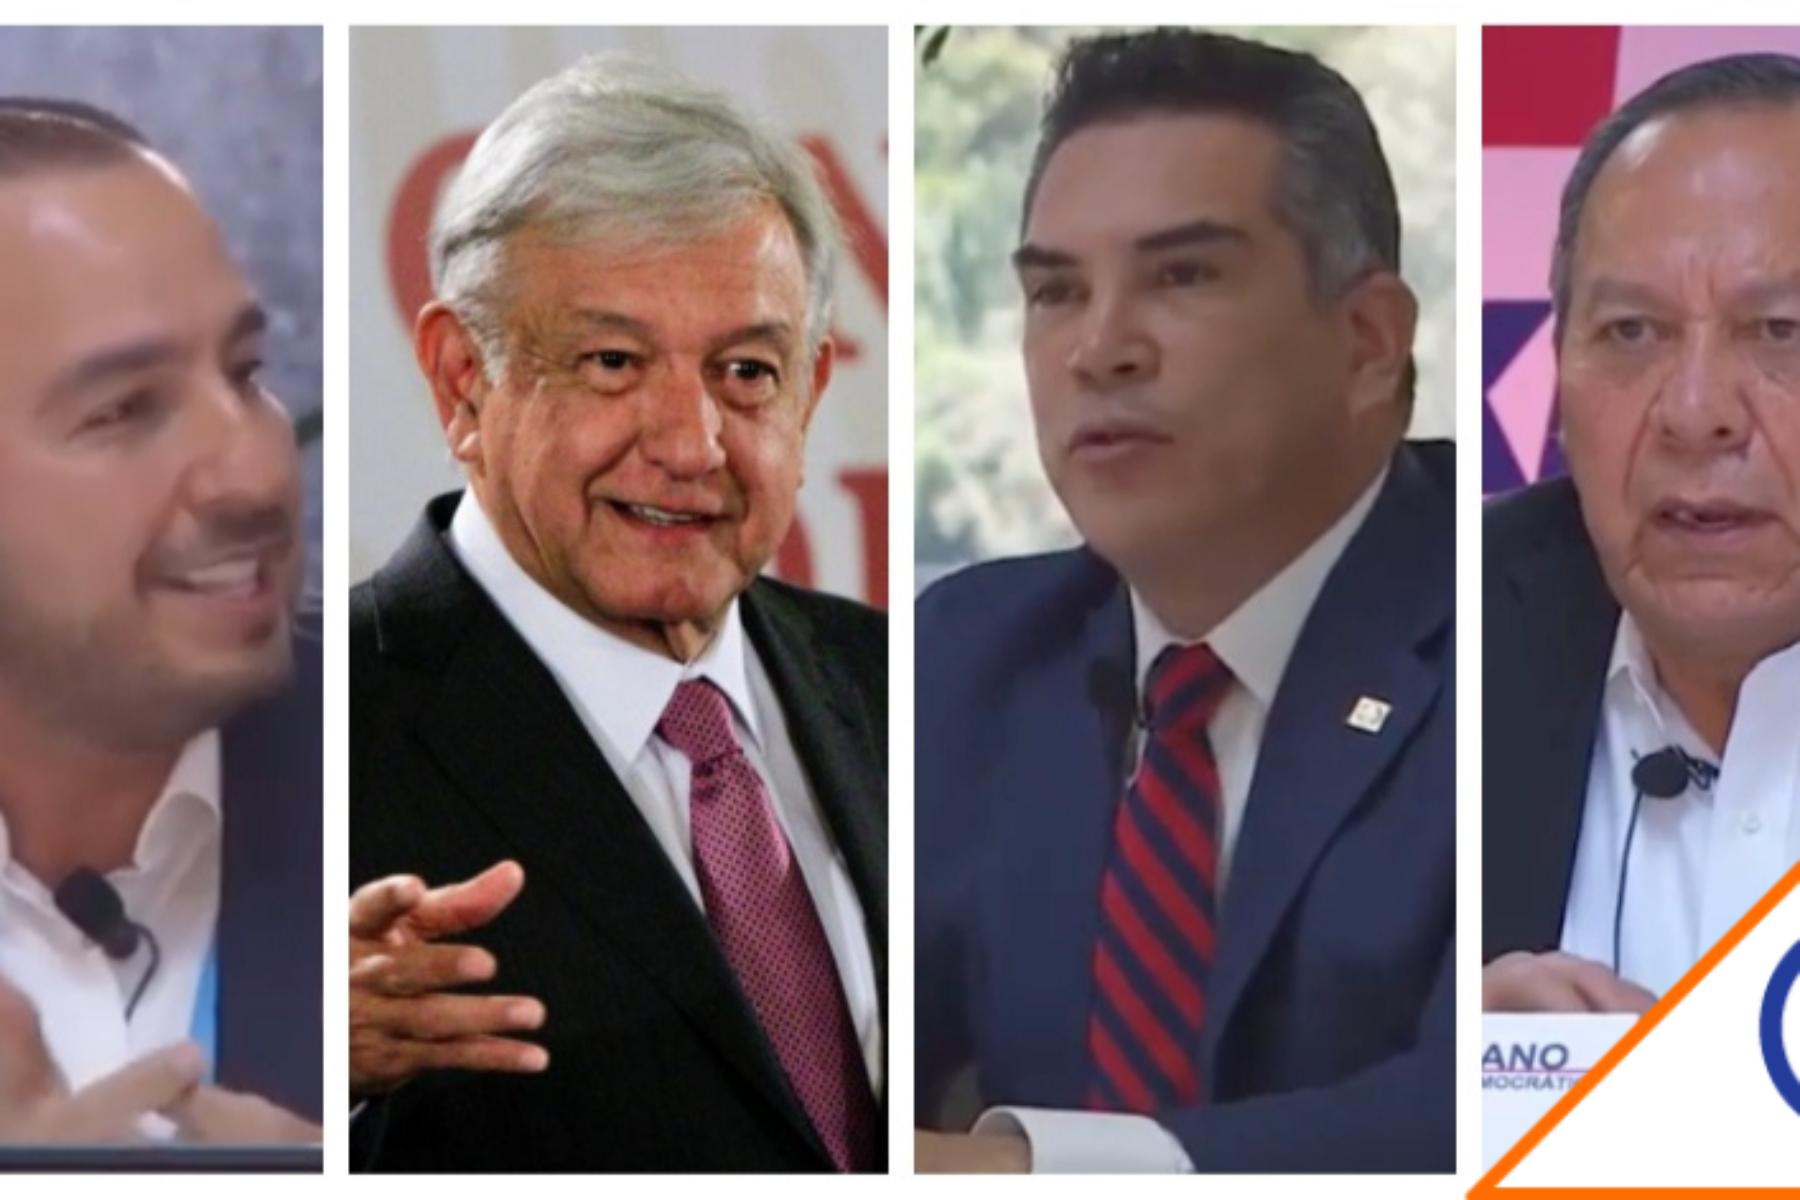 SíPorMX: Presidentes de PRI, PAN y PRD hacen temblar a Morena... juntos por  MX - CER